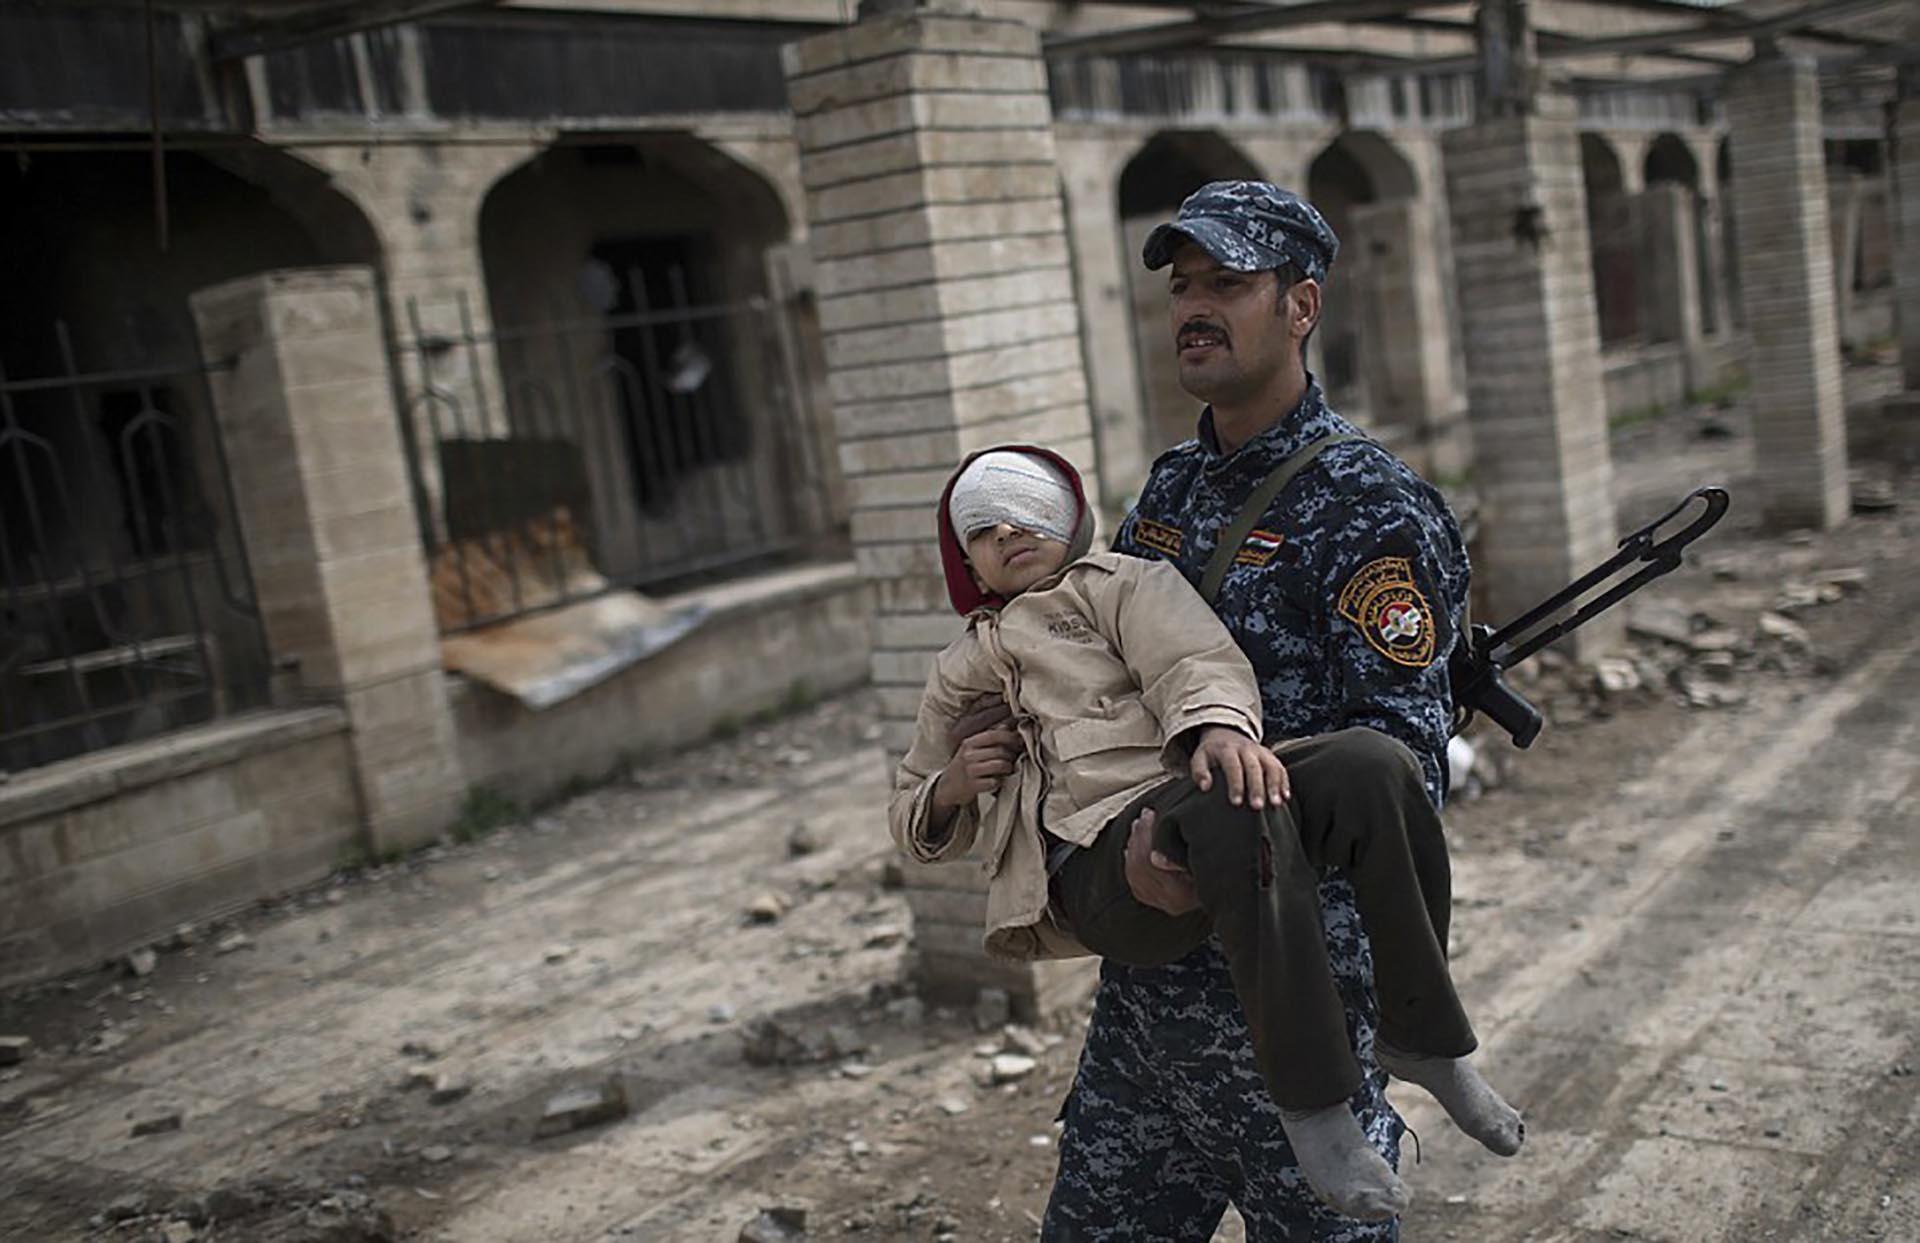 Un militar iraquí carga a un niño herido (AP)